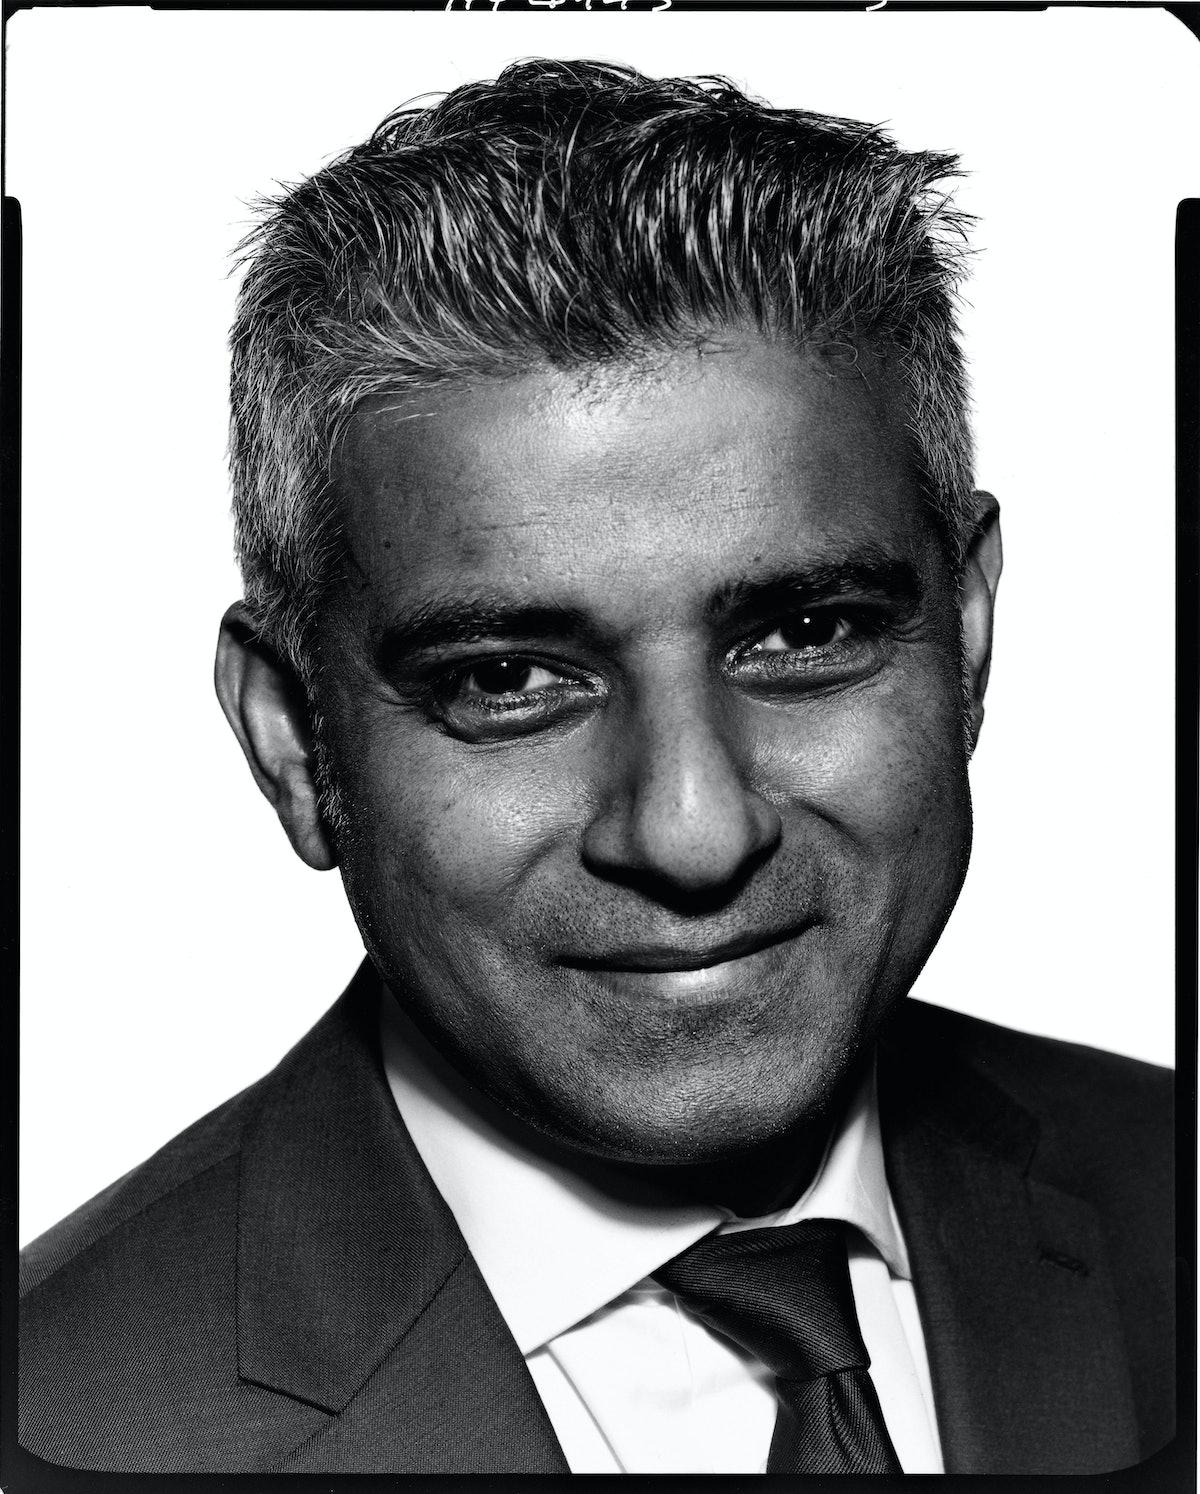 Sadiq-Khan-1.jpg